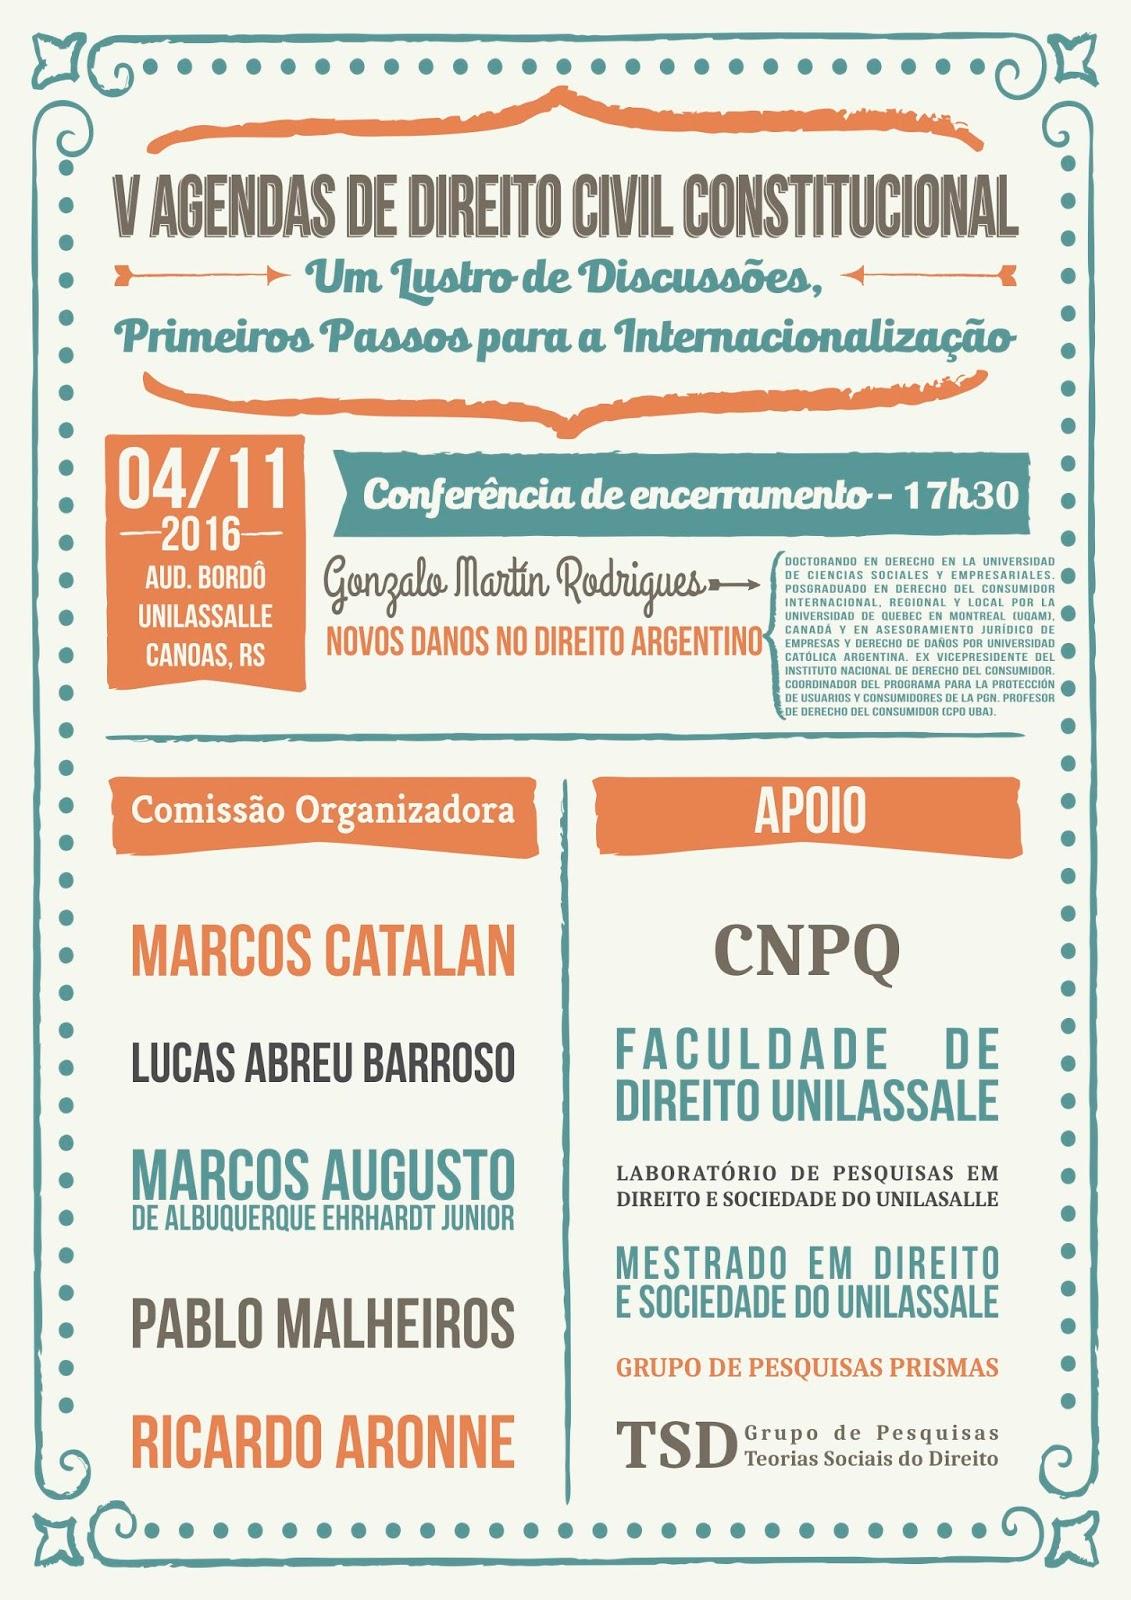 Marcos catalan v agendas de direito civil constitucional - Marcos catalan ...